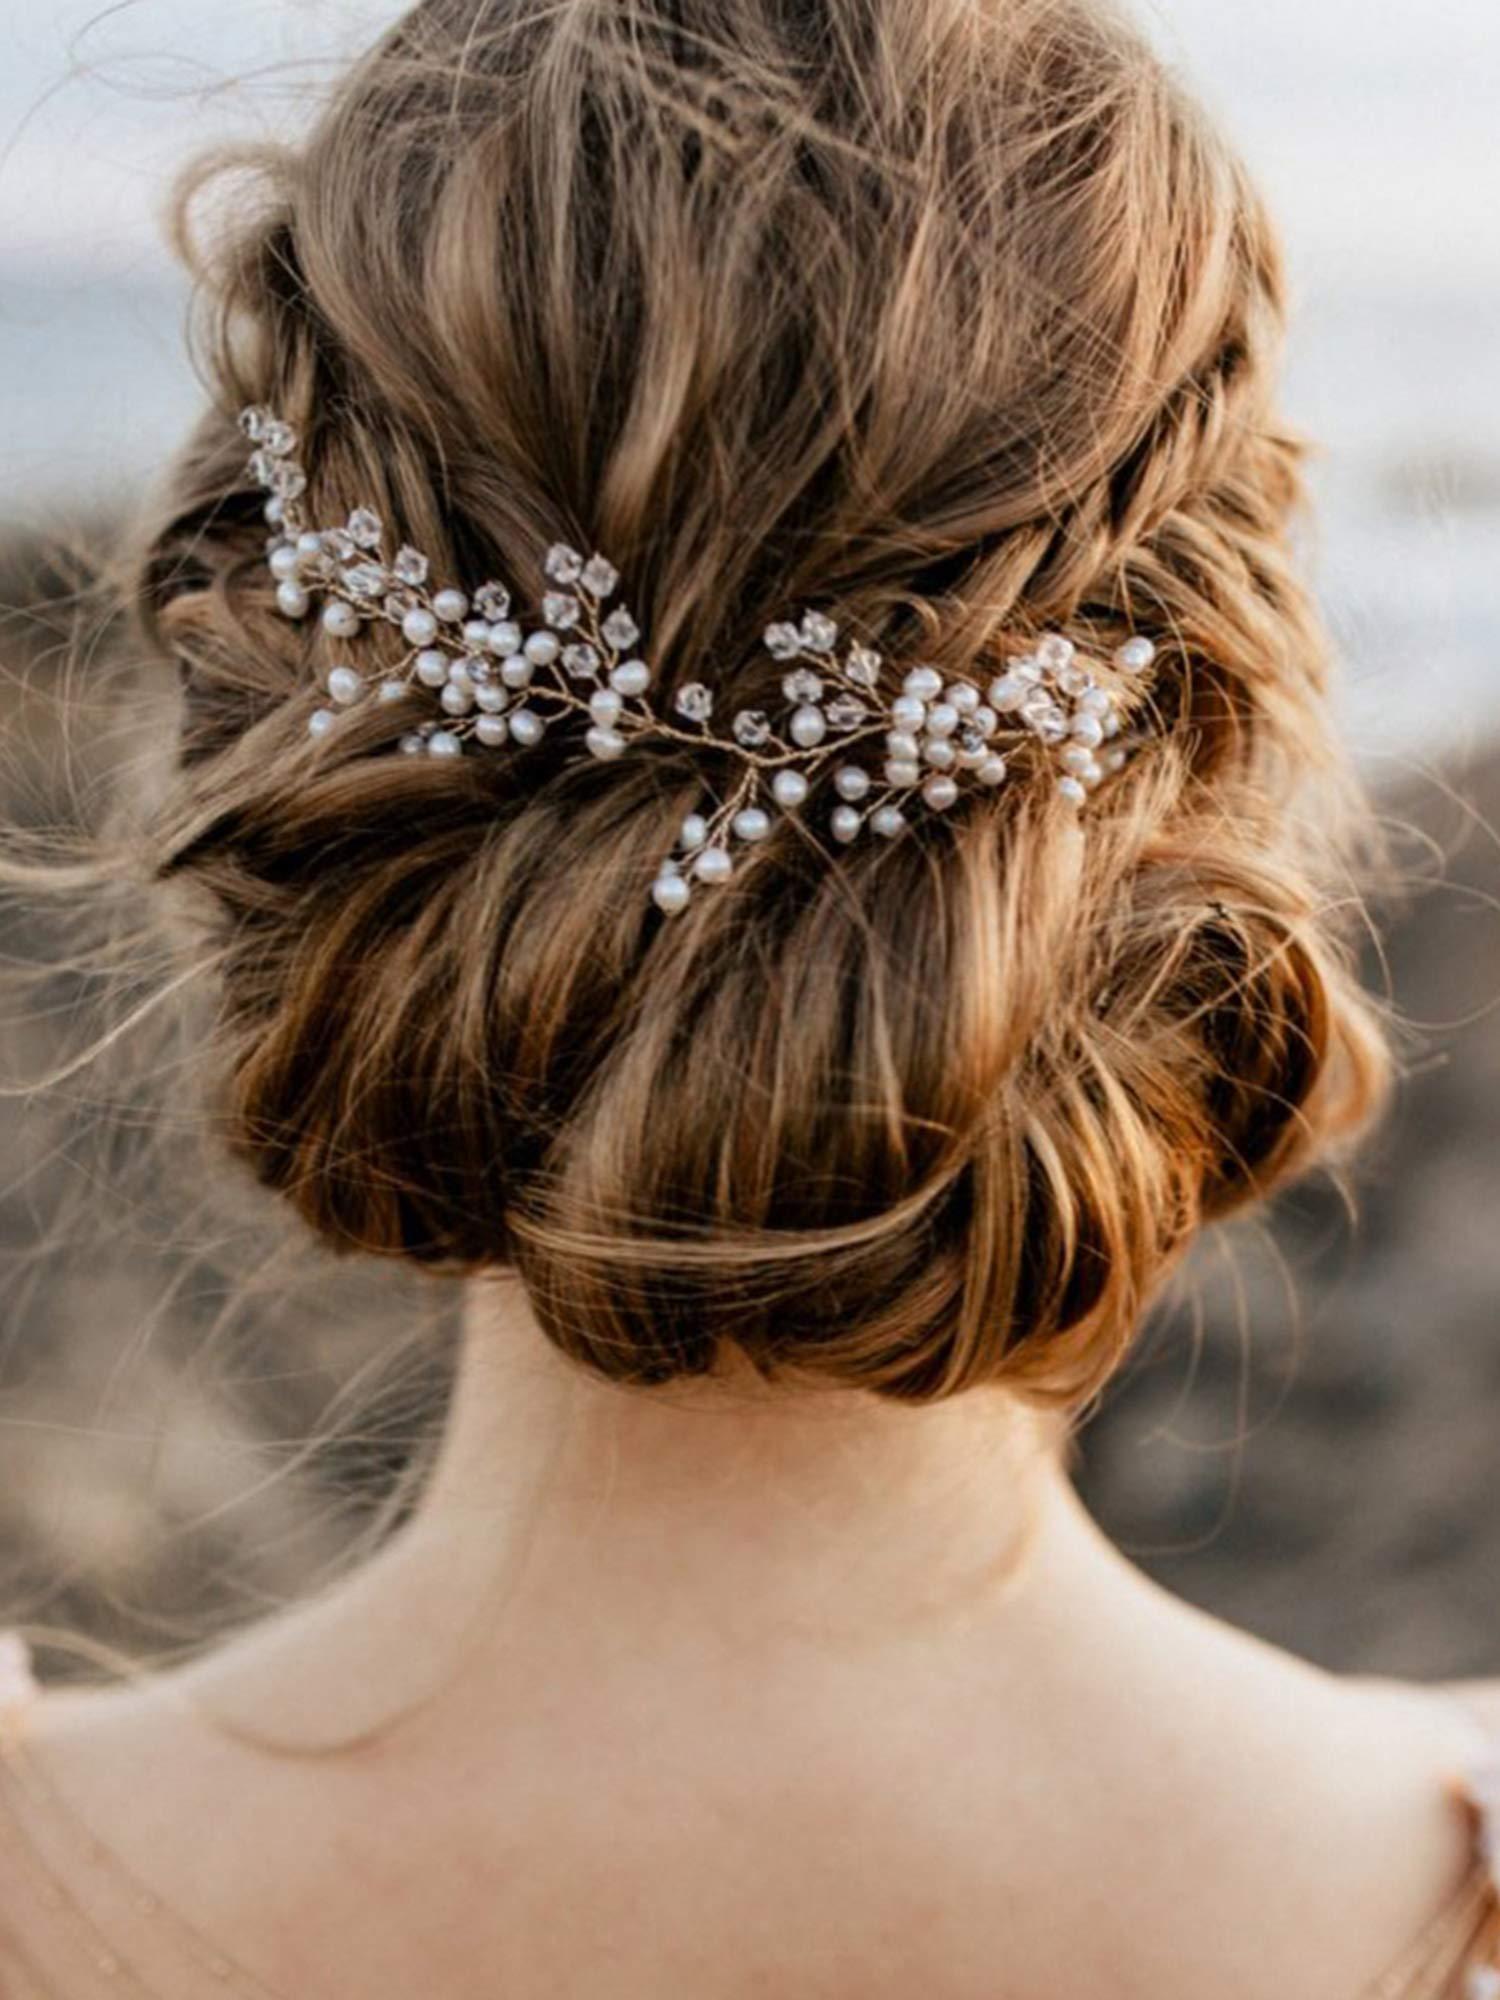 Amazon.com : FXmimior Bride Hair Accessories Crystal Hair